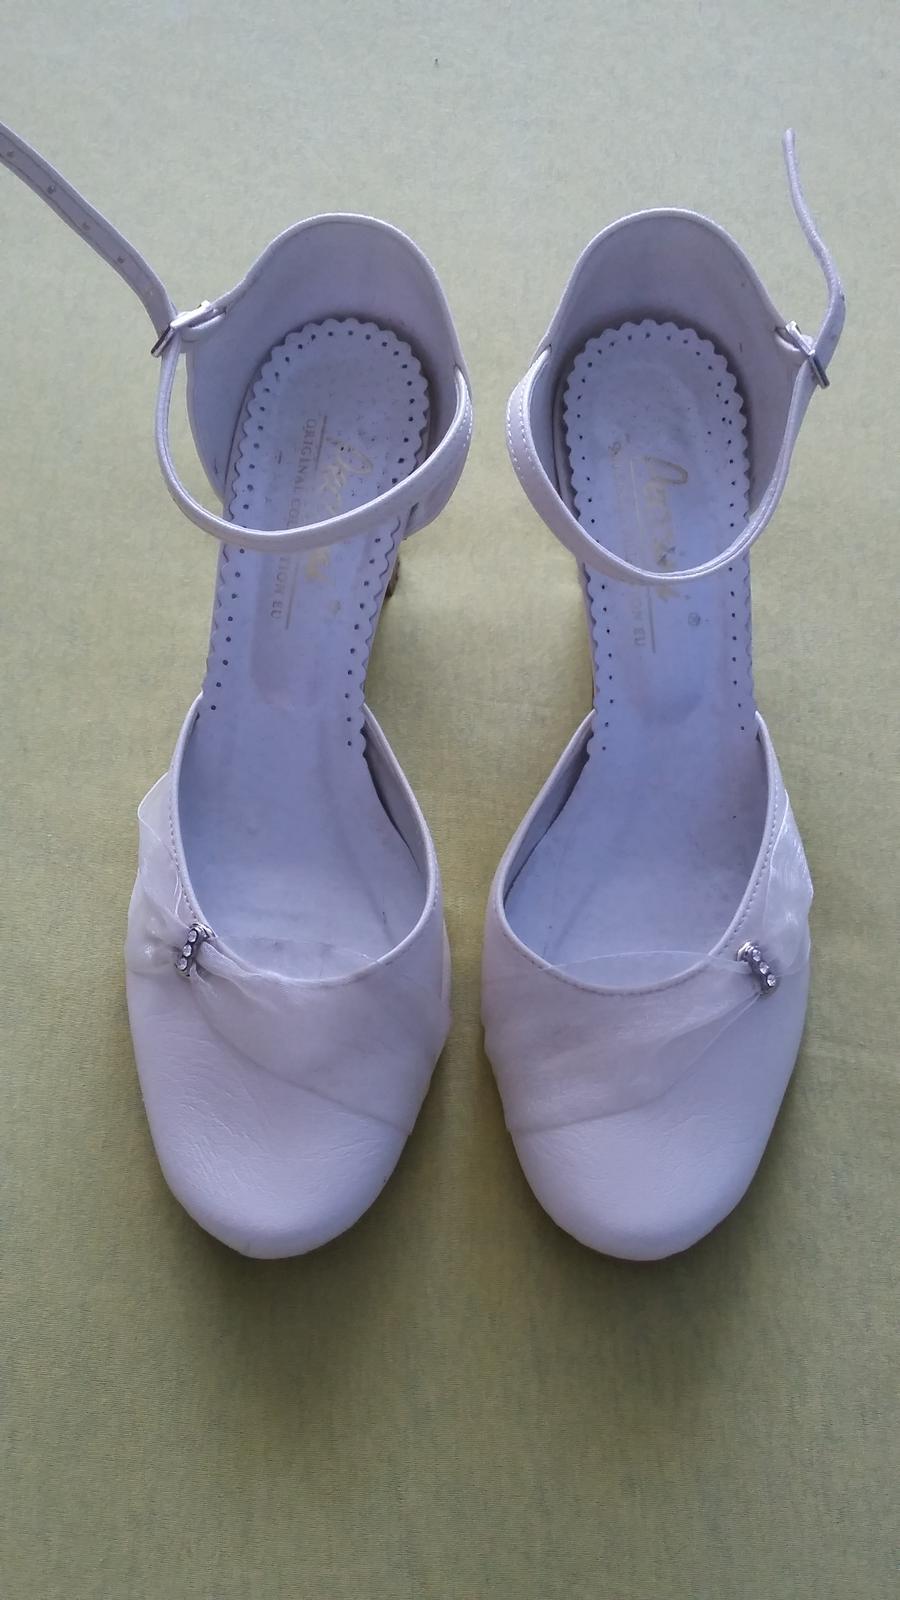 Svatební boty Pecini - Obrázek č. 1